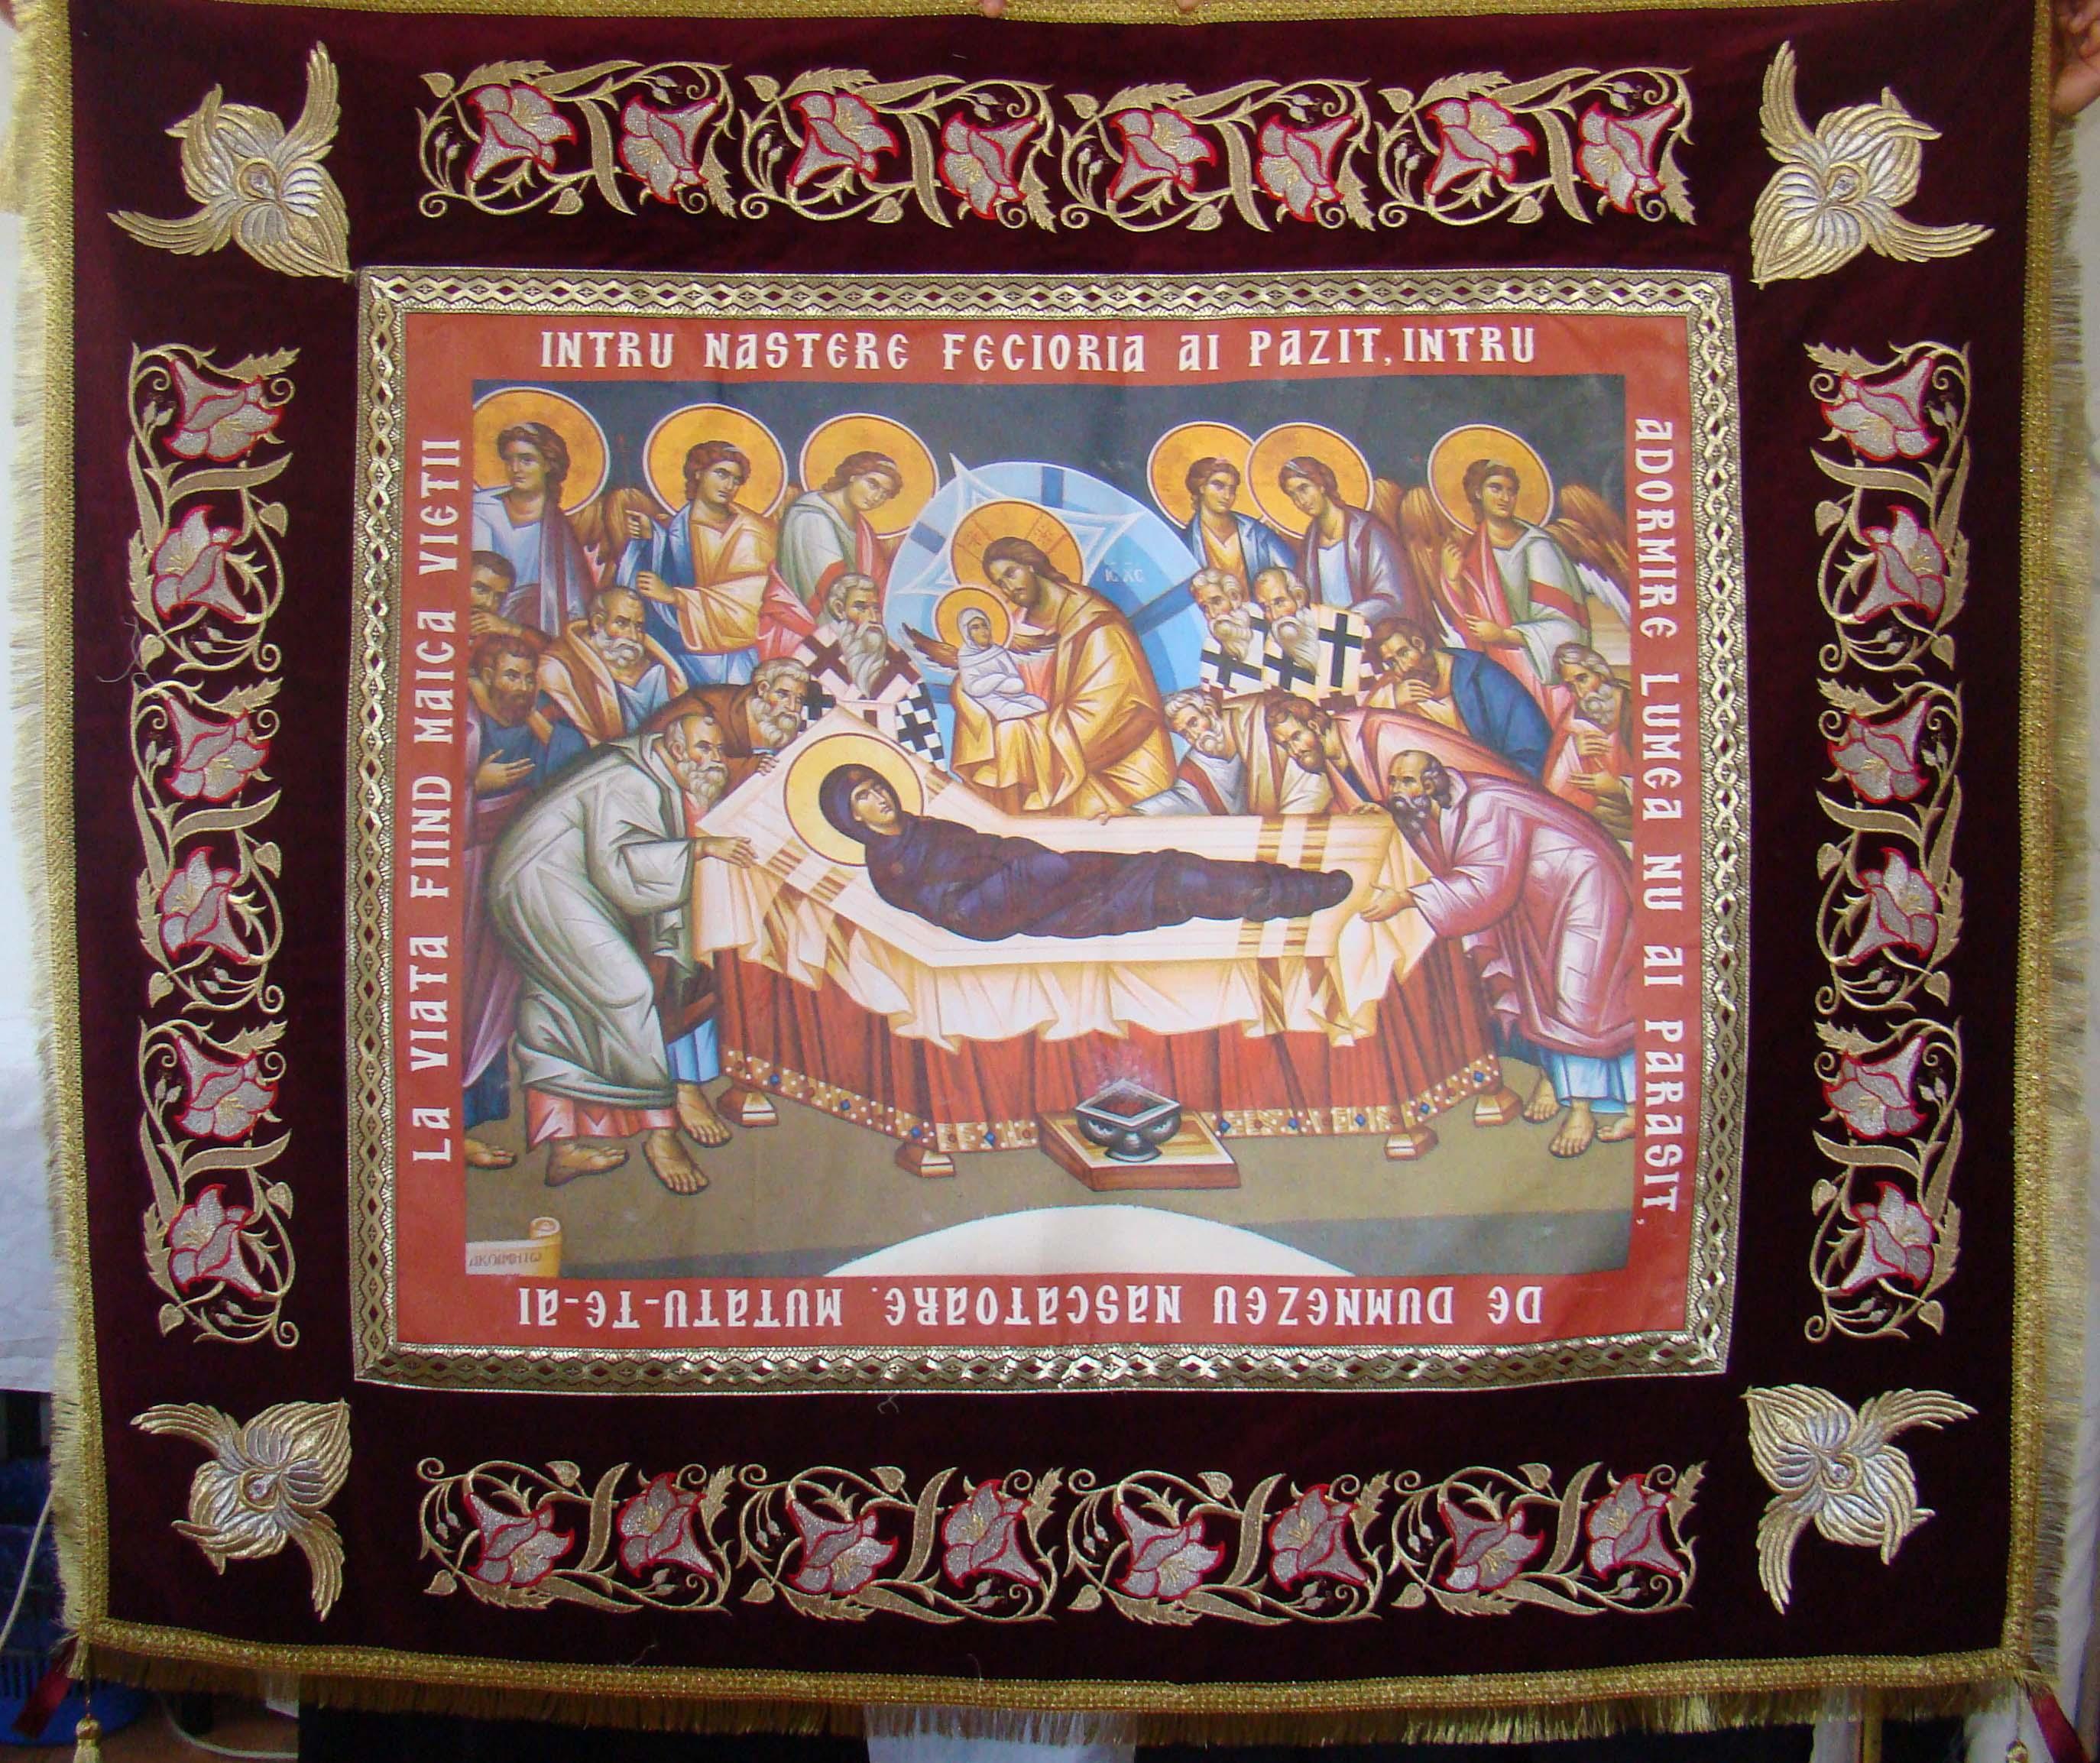 Epitaf brodat Maica Domnului